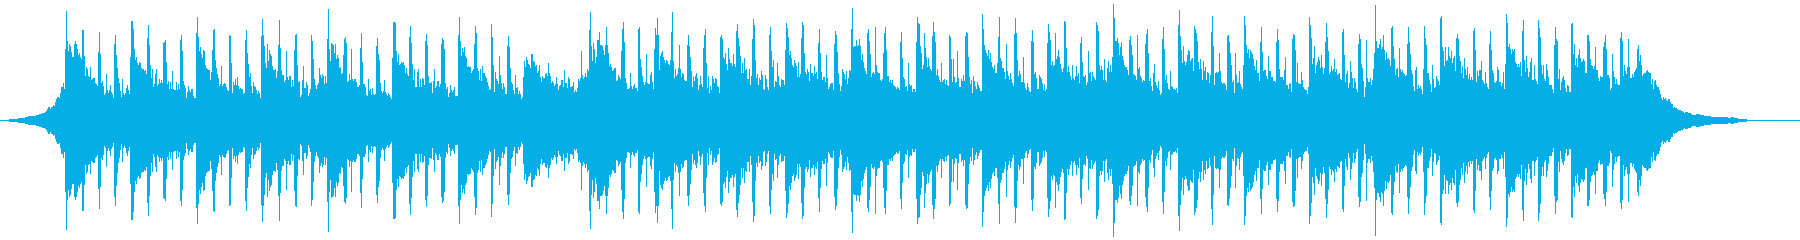 ソフト企業バックグラウンド(60秒)の再生済みの波形